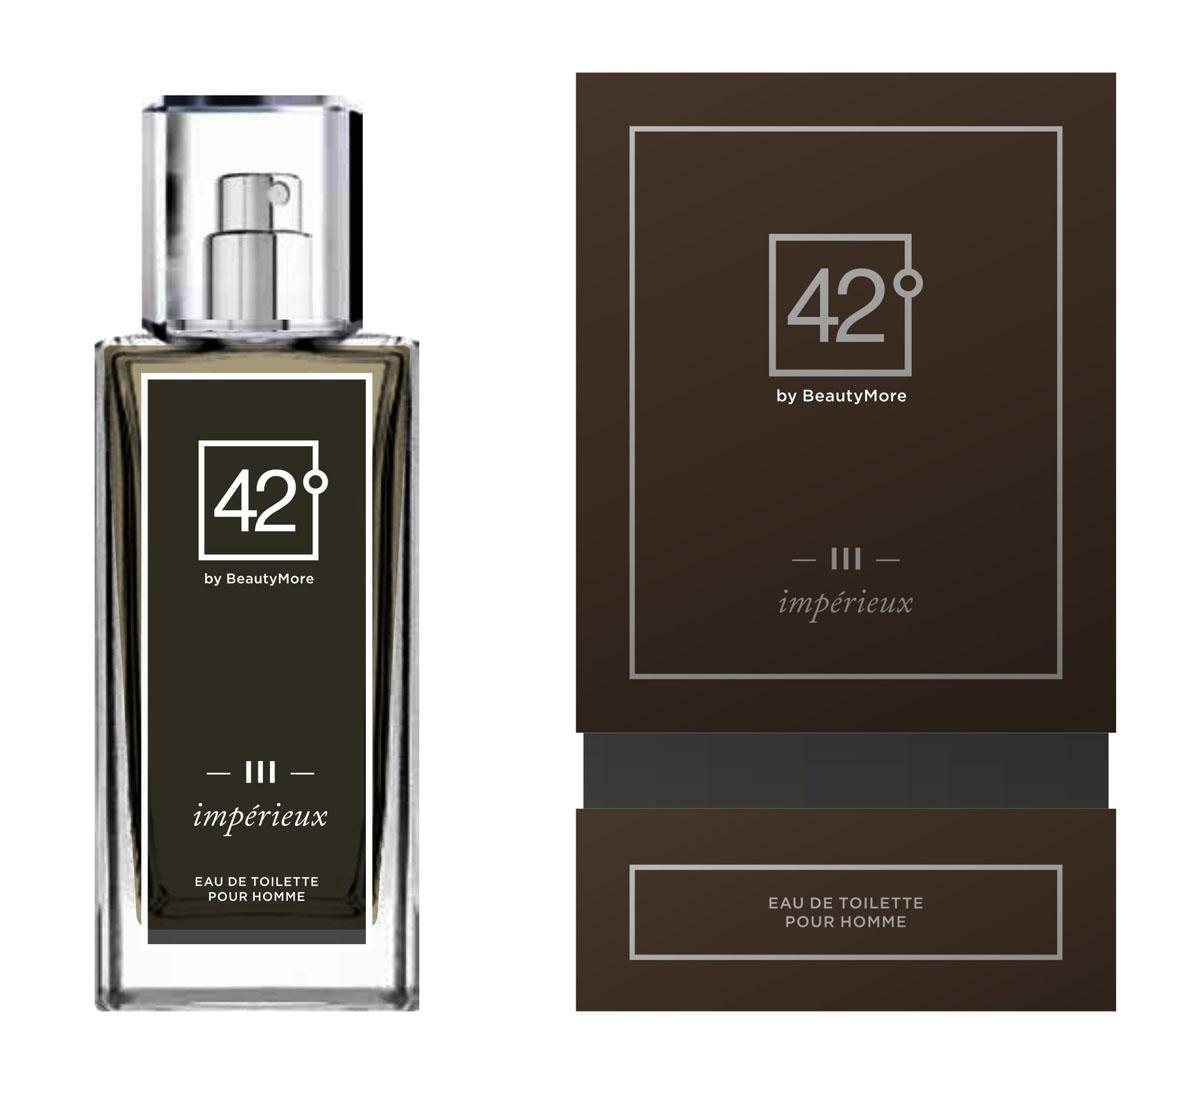 Fragrance 42 Туалетная вода для мужчин III Imperieux 100 млWS 7064Импери - аромат созданный для настоящих,решительных, мужчин,уверенных в себе и смело покоряющих любые цели. Этот аромат станет завершающей ноткой в вашем неотразимом образе. Верхняя нота- мята,мандарин,нота сердца - роза,корица, кардамон, базовые ноты - пачули,янтарь,натуральная кожа.